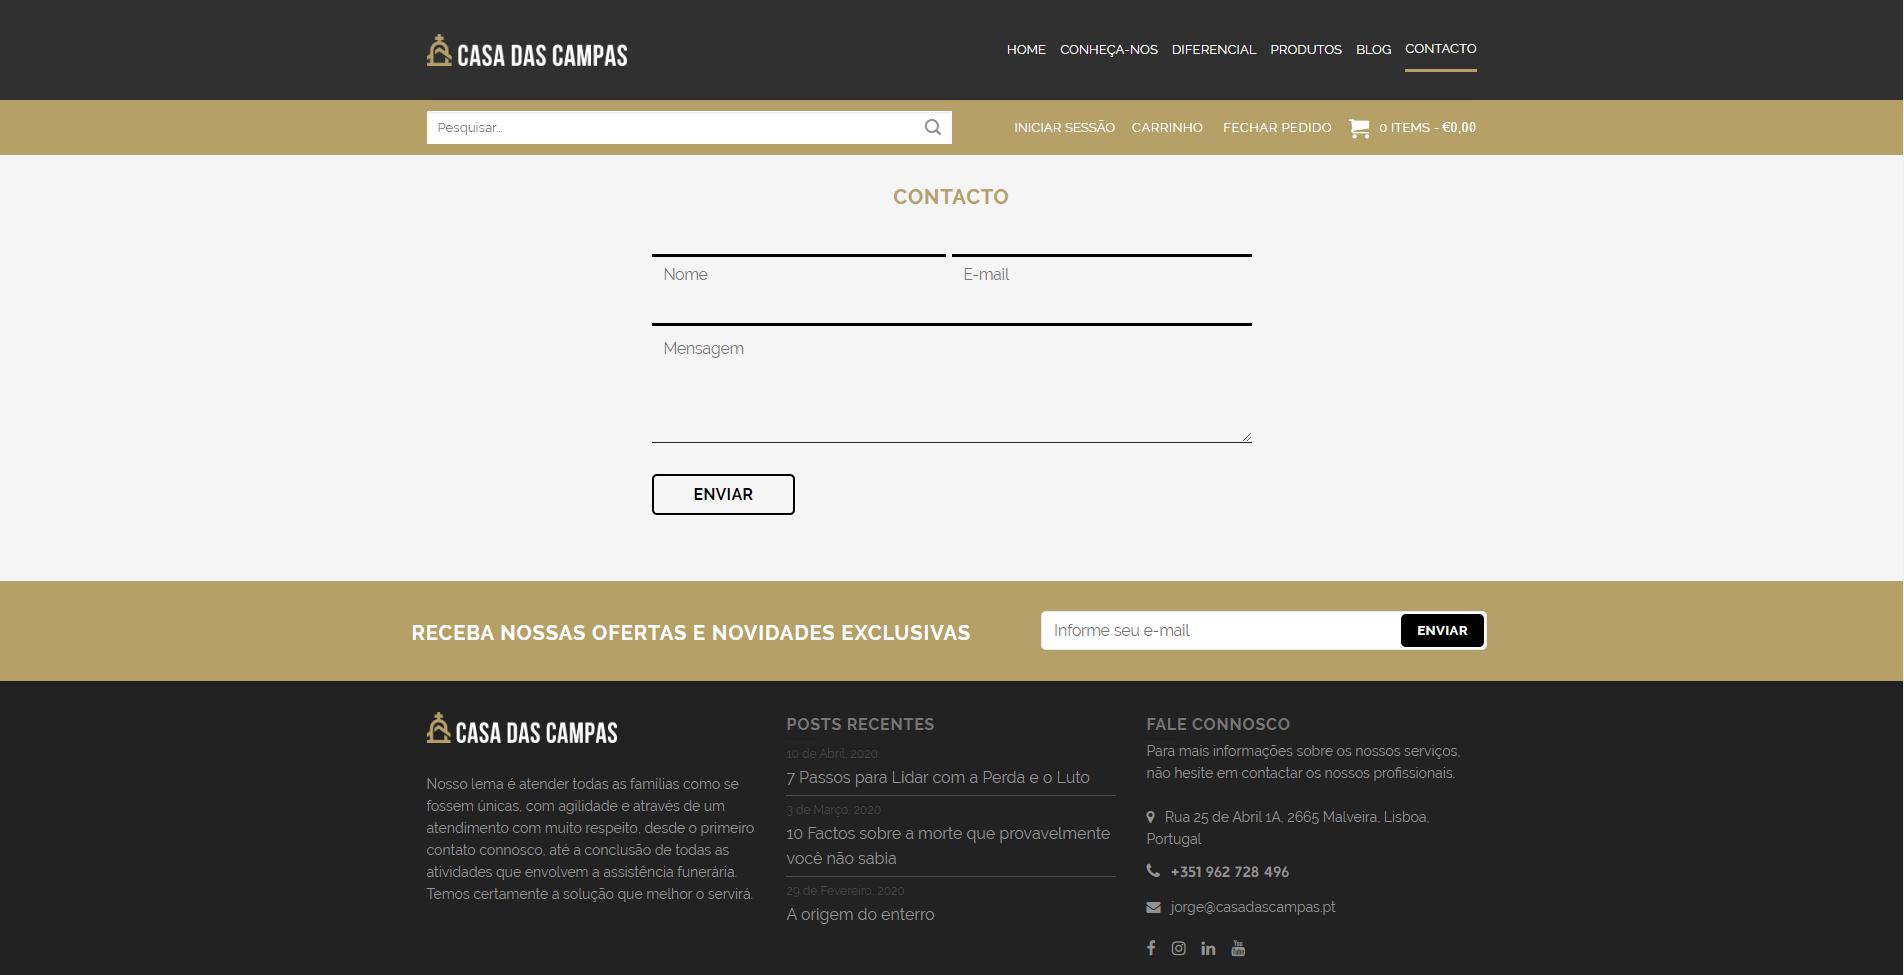 Website Casa das Campas